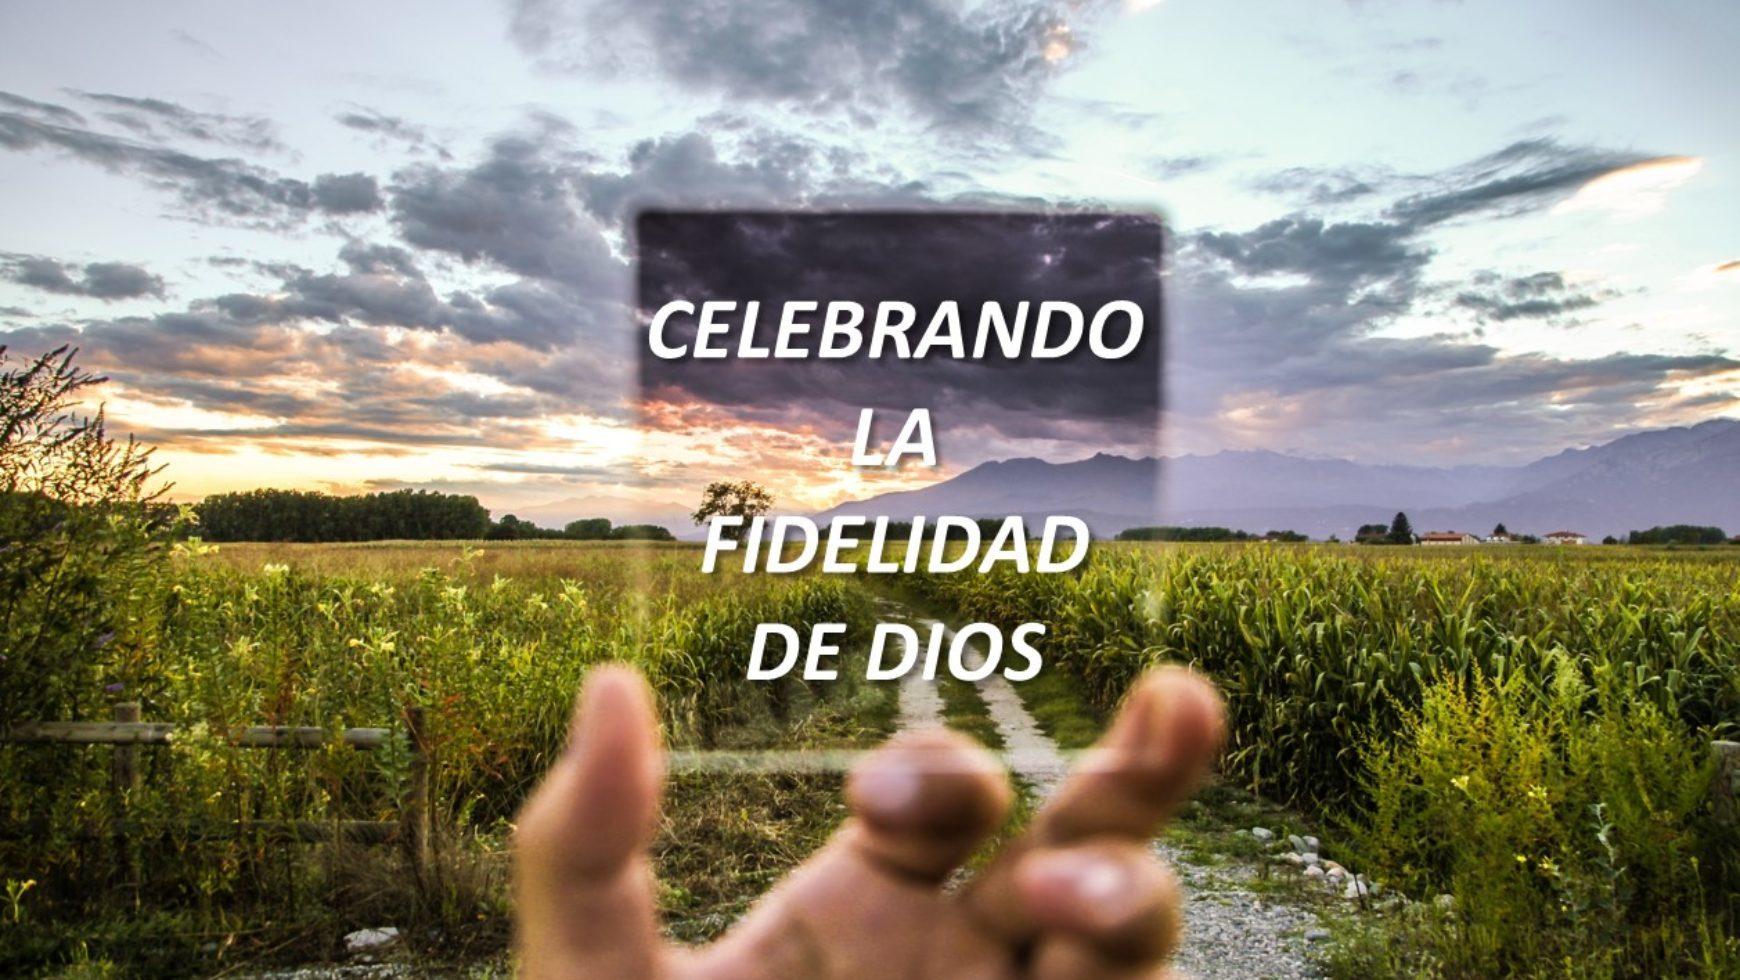 Celebrando La Fidelidad De Dios